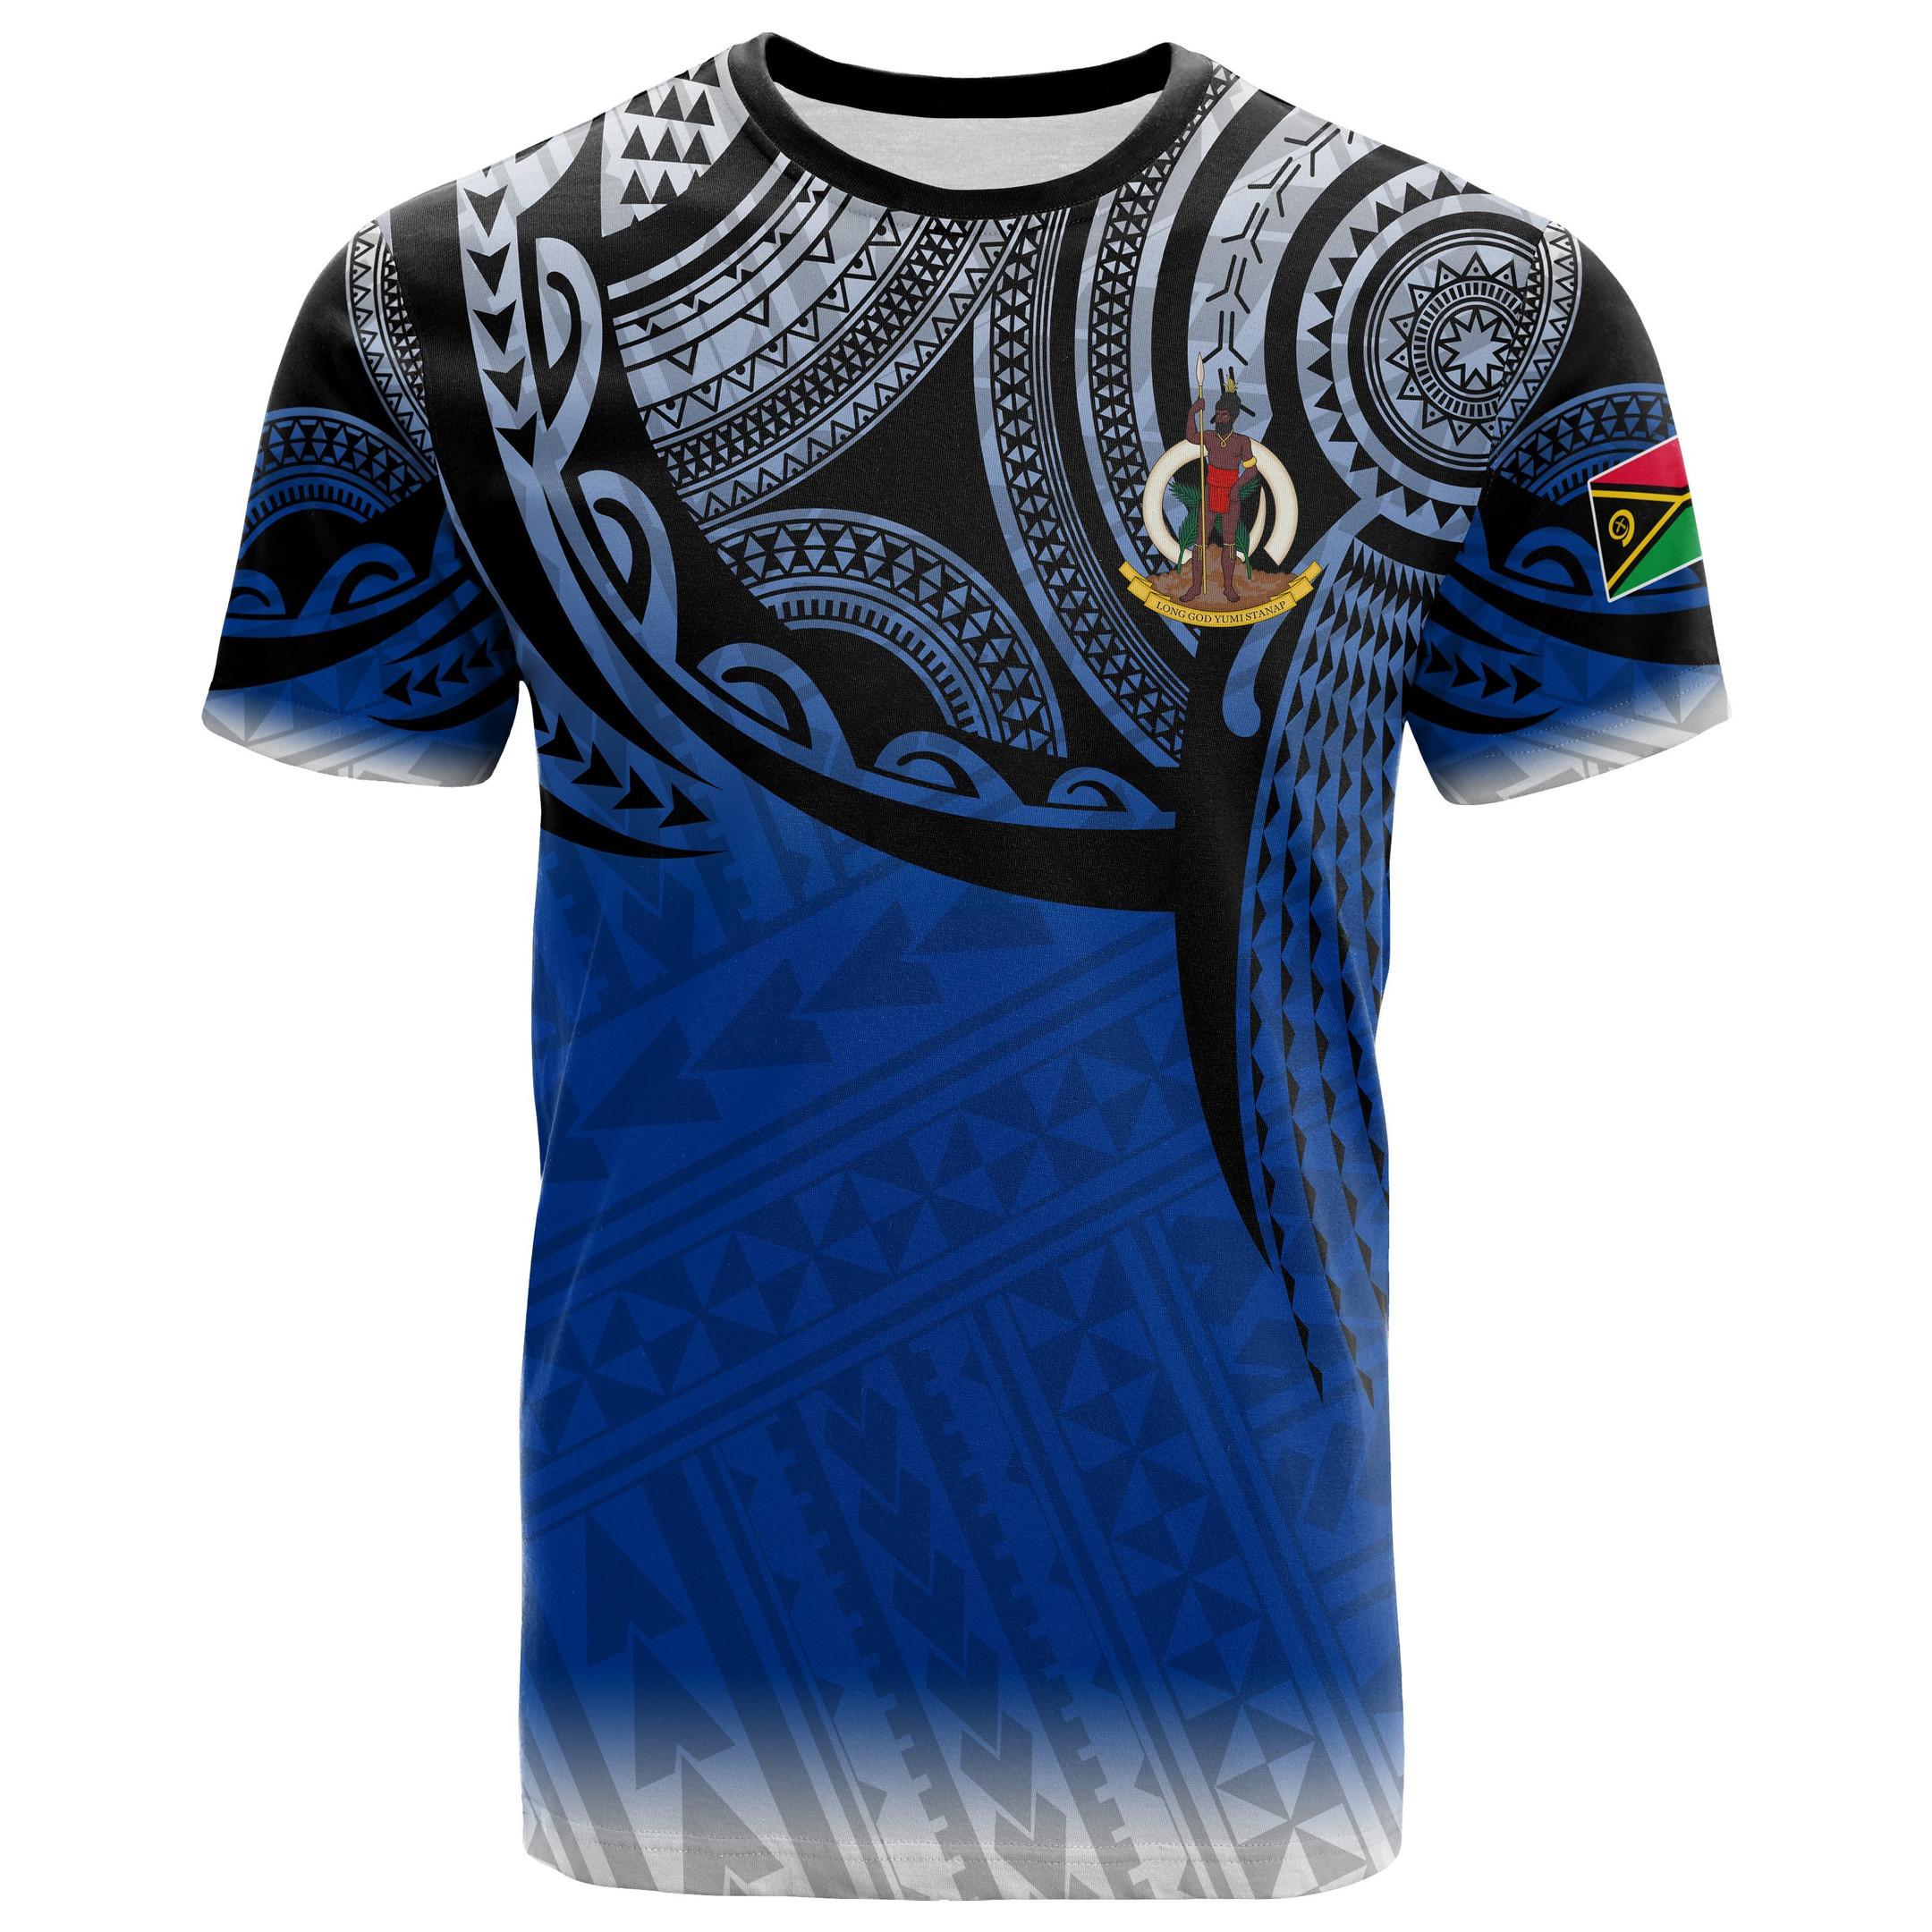 Vanuatu Polynesian T-Shirt - Tattoo Pattern - Bn12